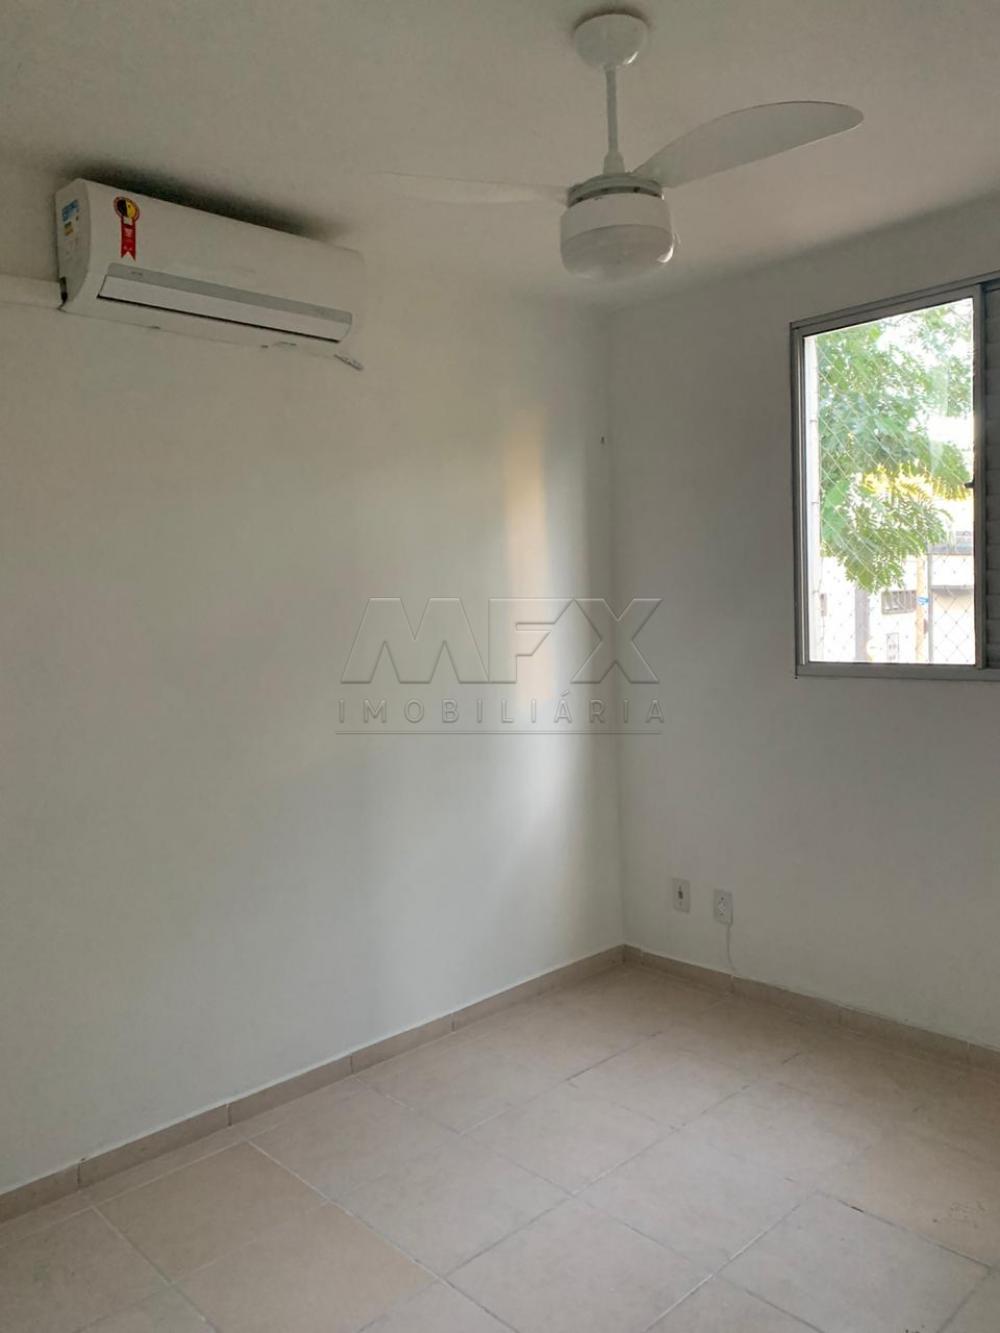 Alugar Apartamento / Padrão em Bauru apenas R$ 850,00 - Foto 6